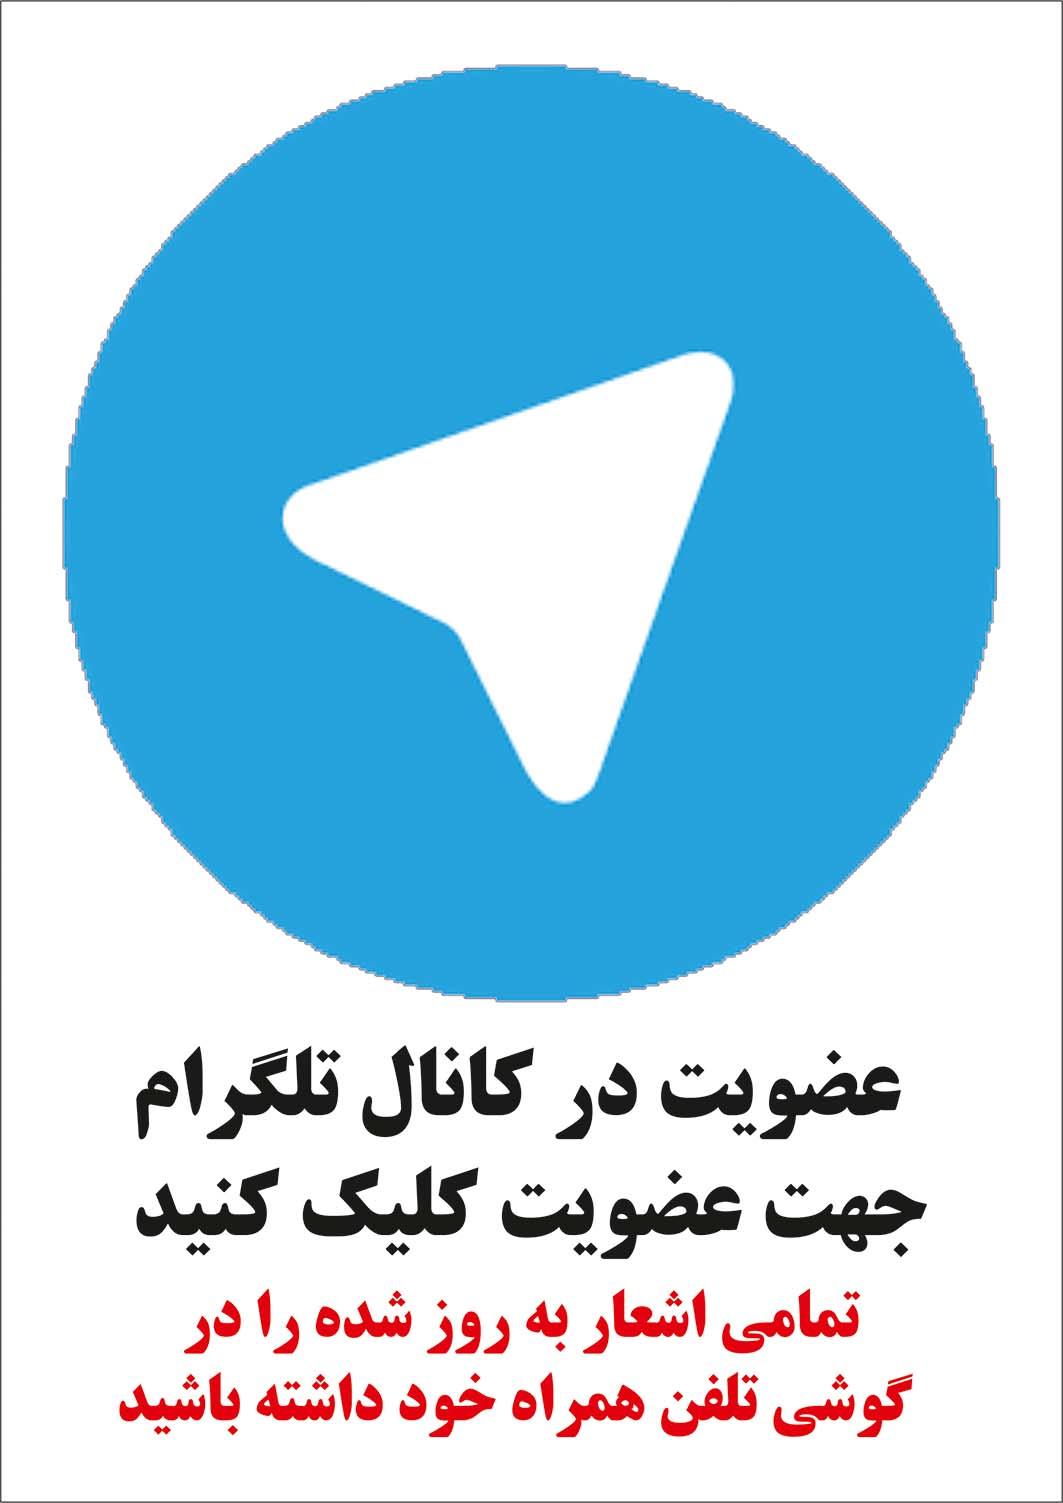 کانال+تلگرام+شعر+مداحی